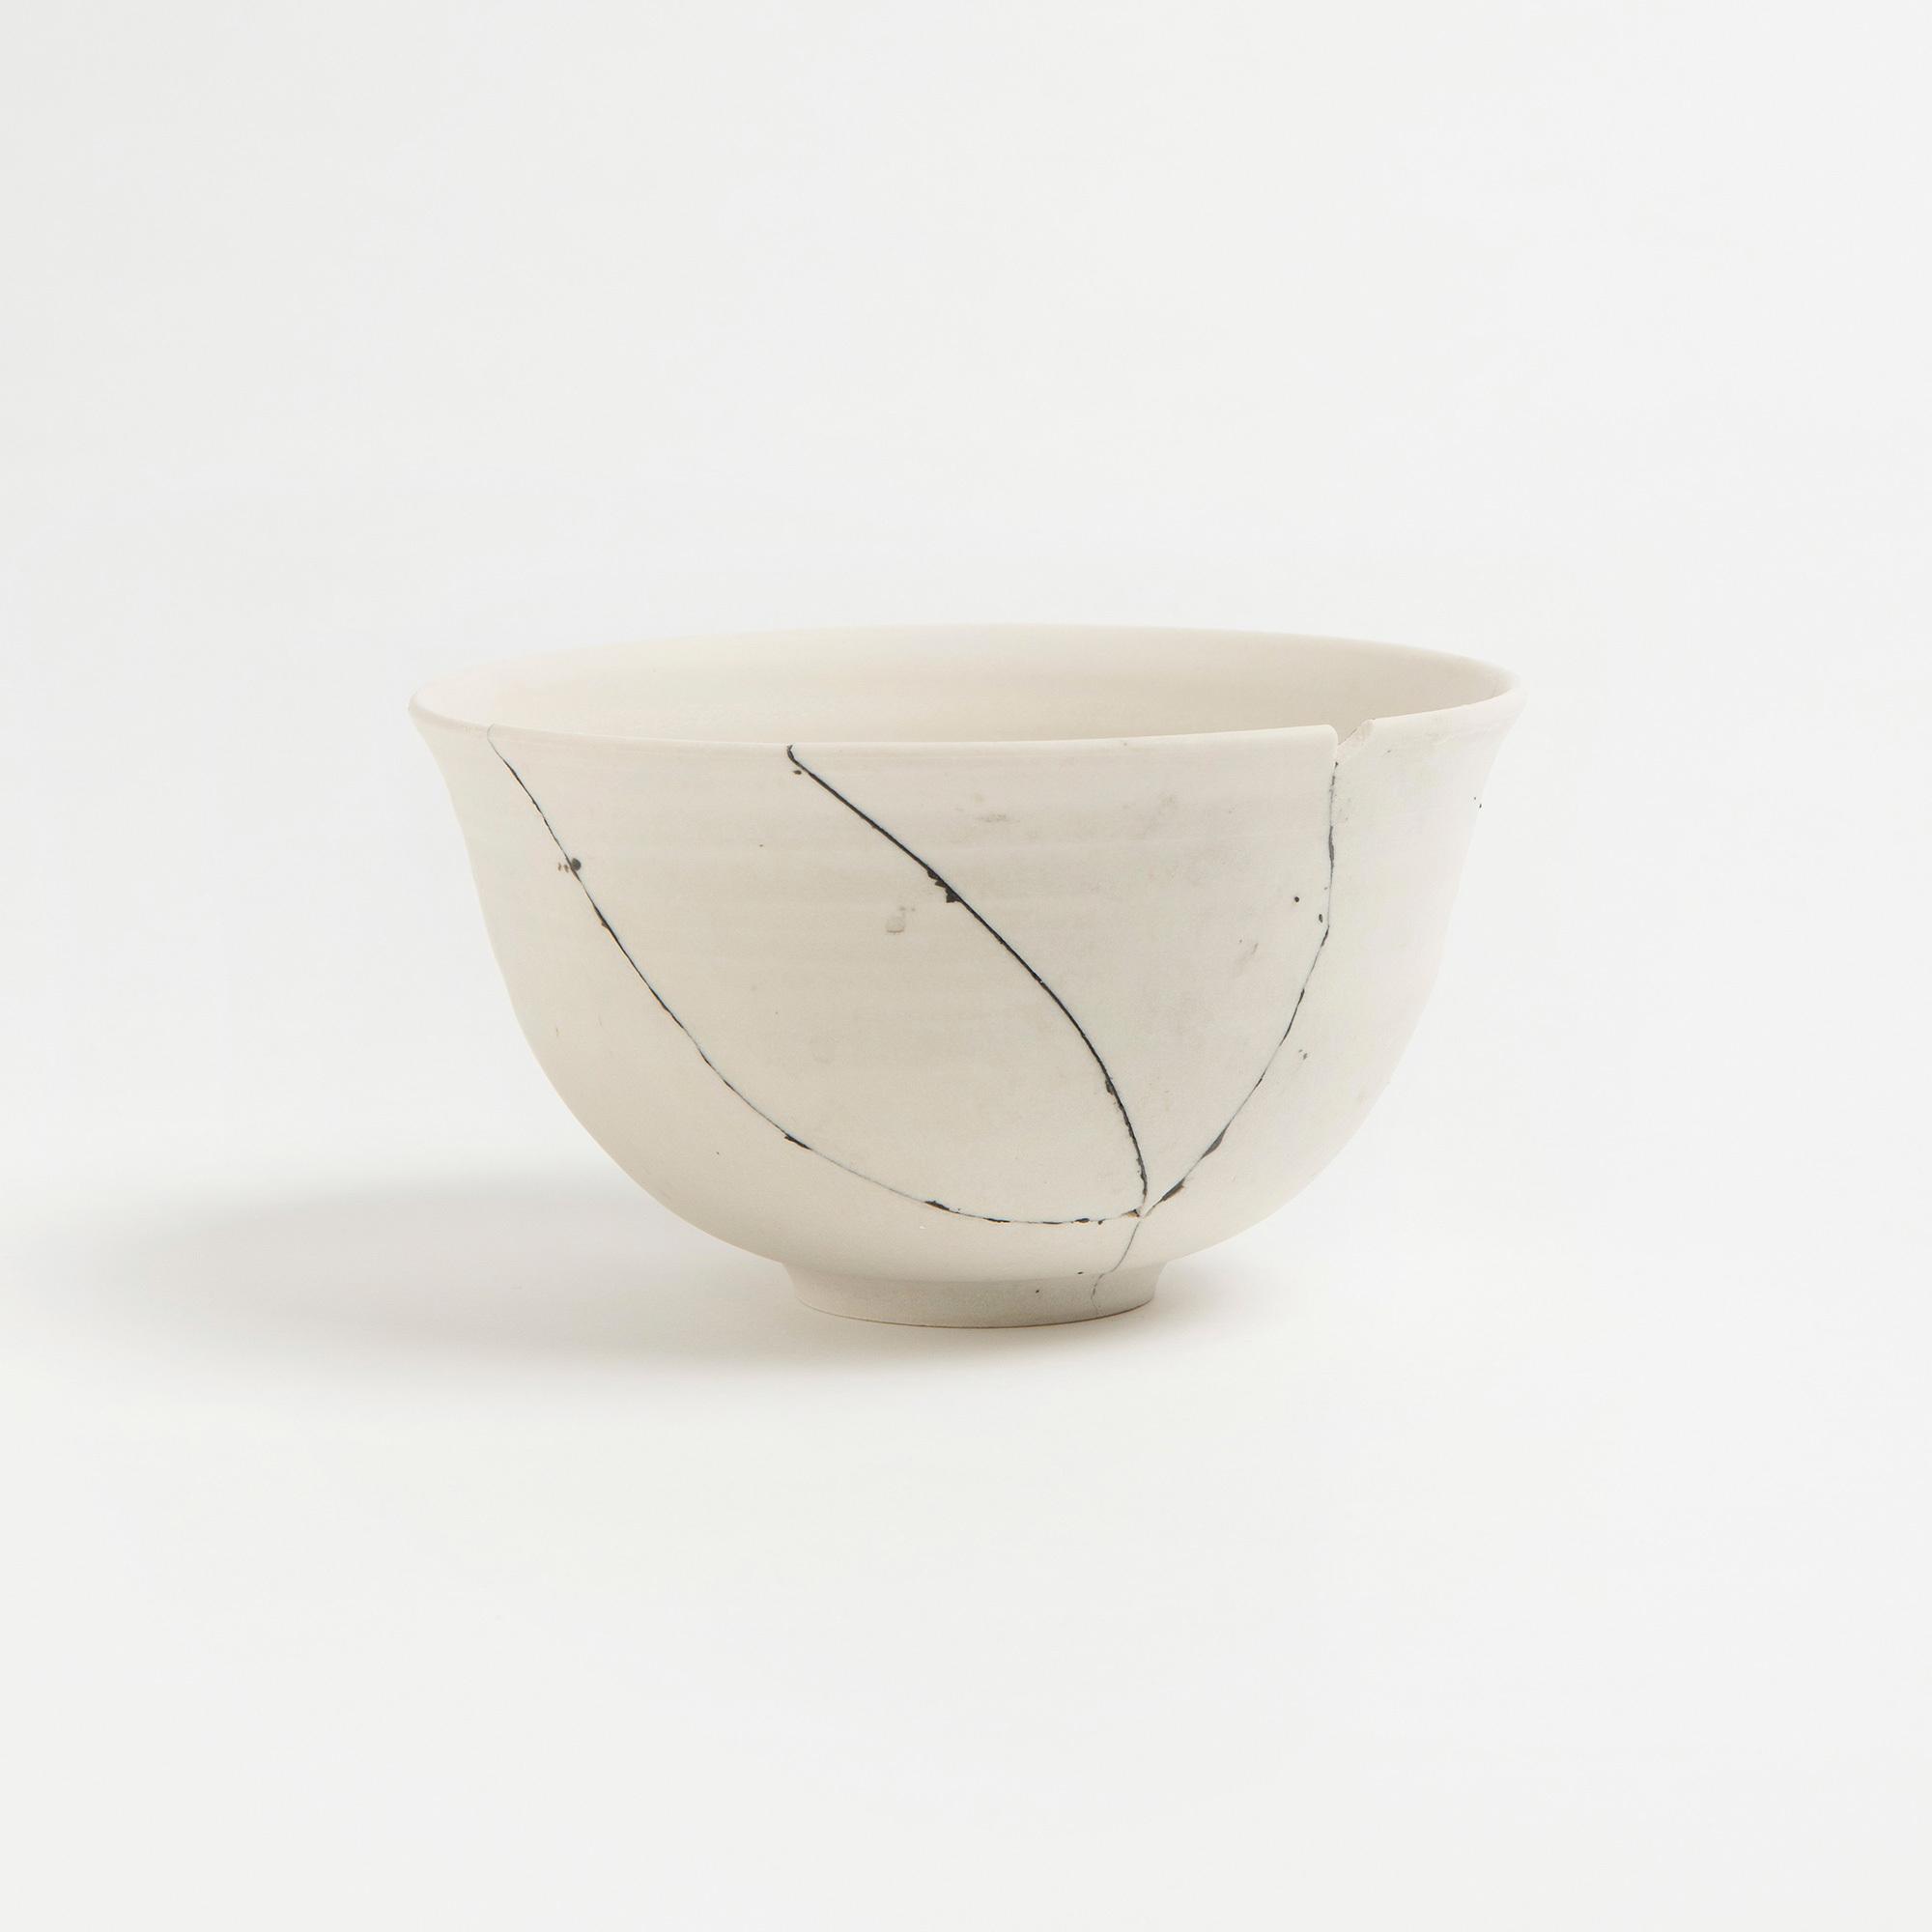 2 Unique Piece & White Fracture Bowl No. 2 Unique Piece | The Garnered